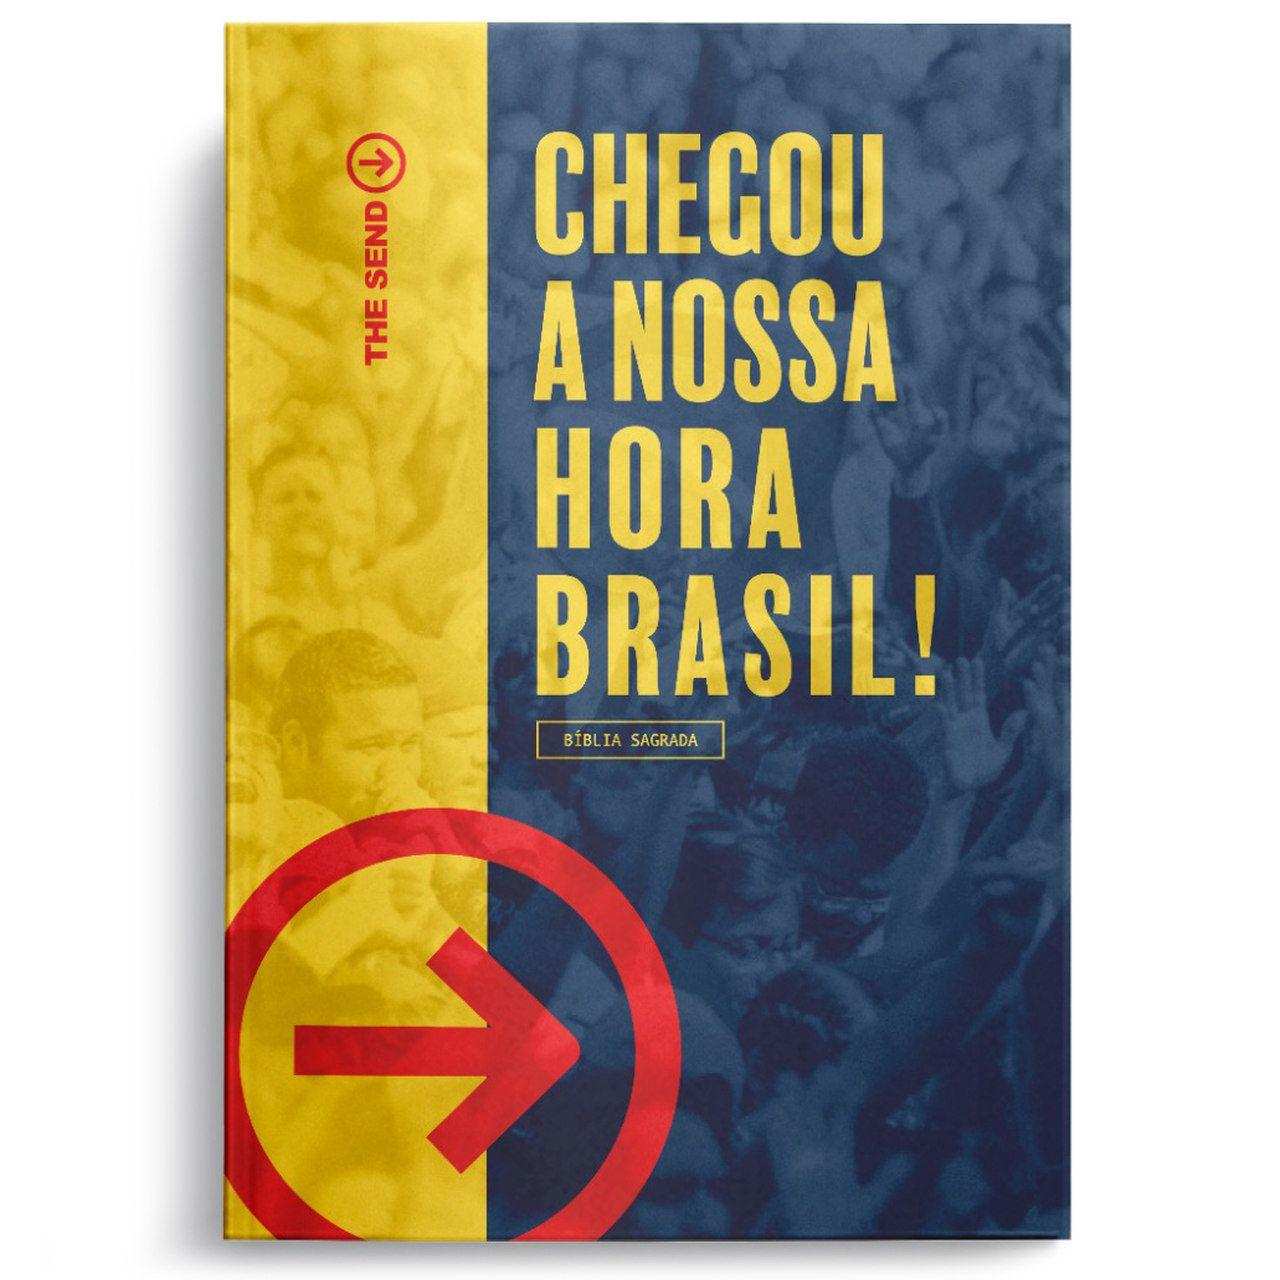 """Bíblia SBB The Send """"Chegou a Nossa Hora Brasil!""""  - Livraria Betel"""